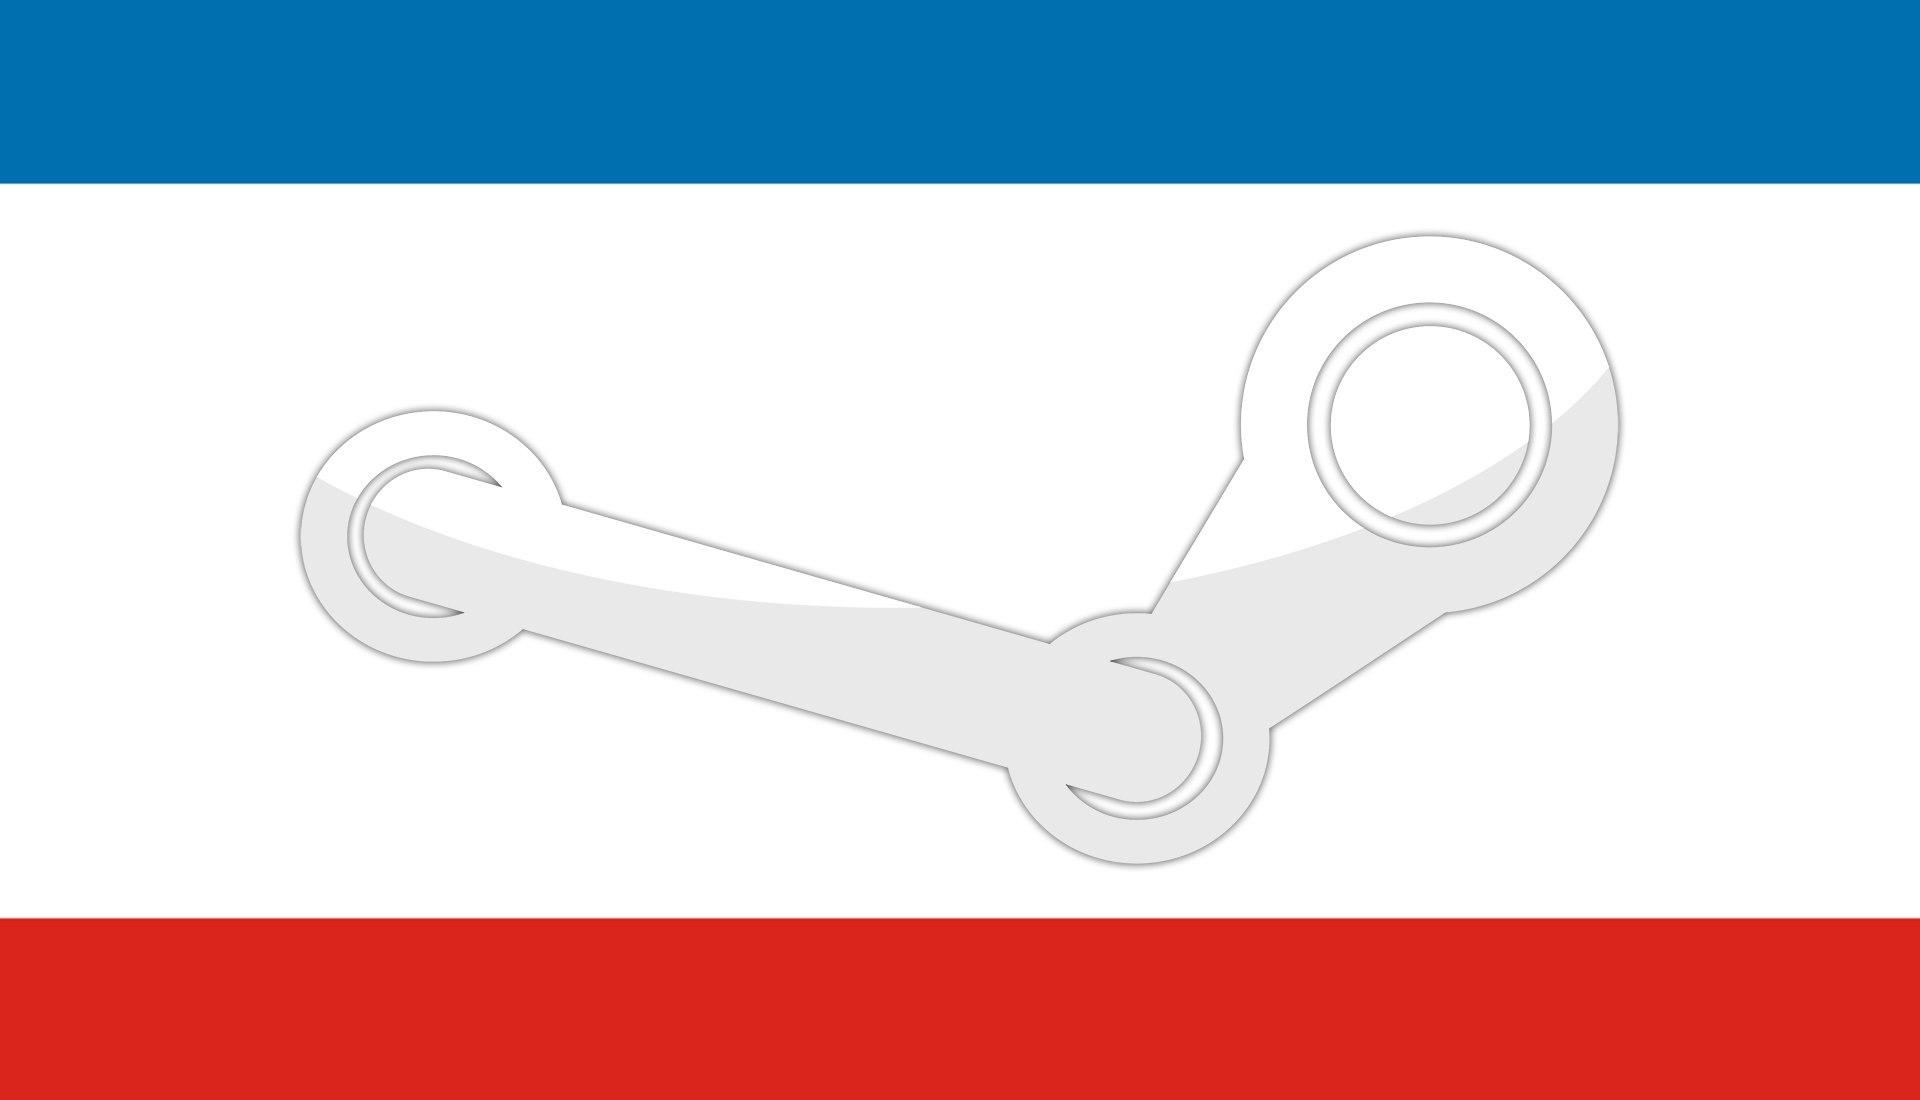 Steam закрыл для крымчан возможность покупать игры - 1